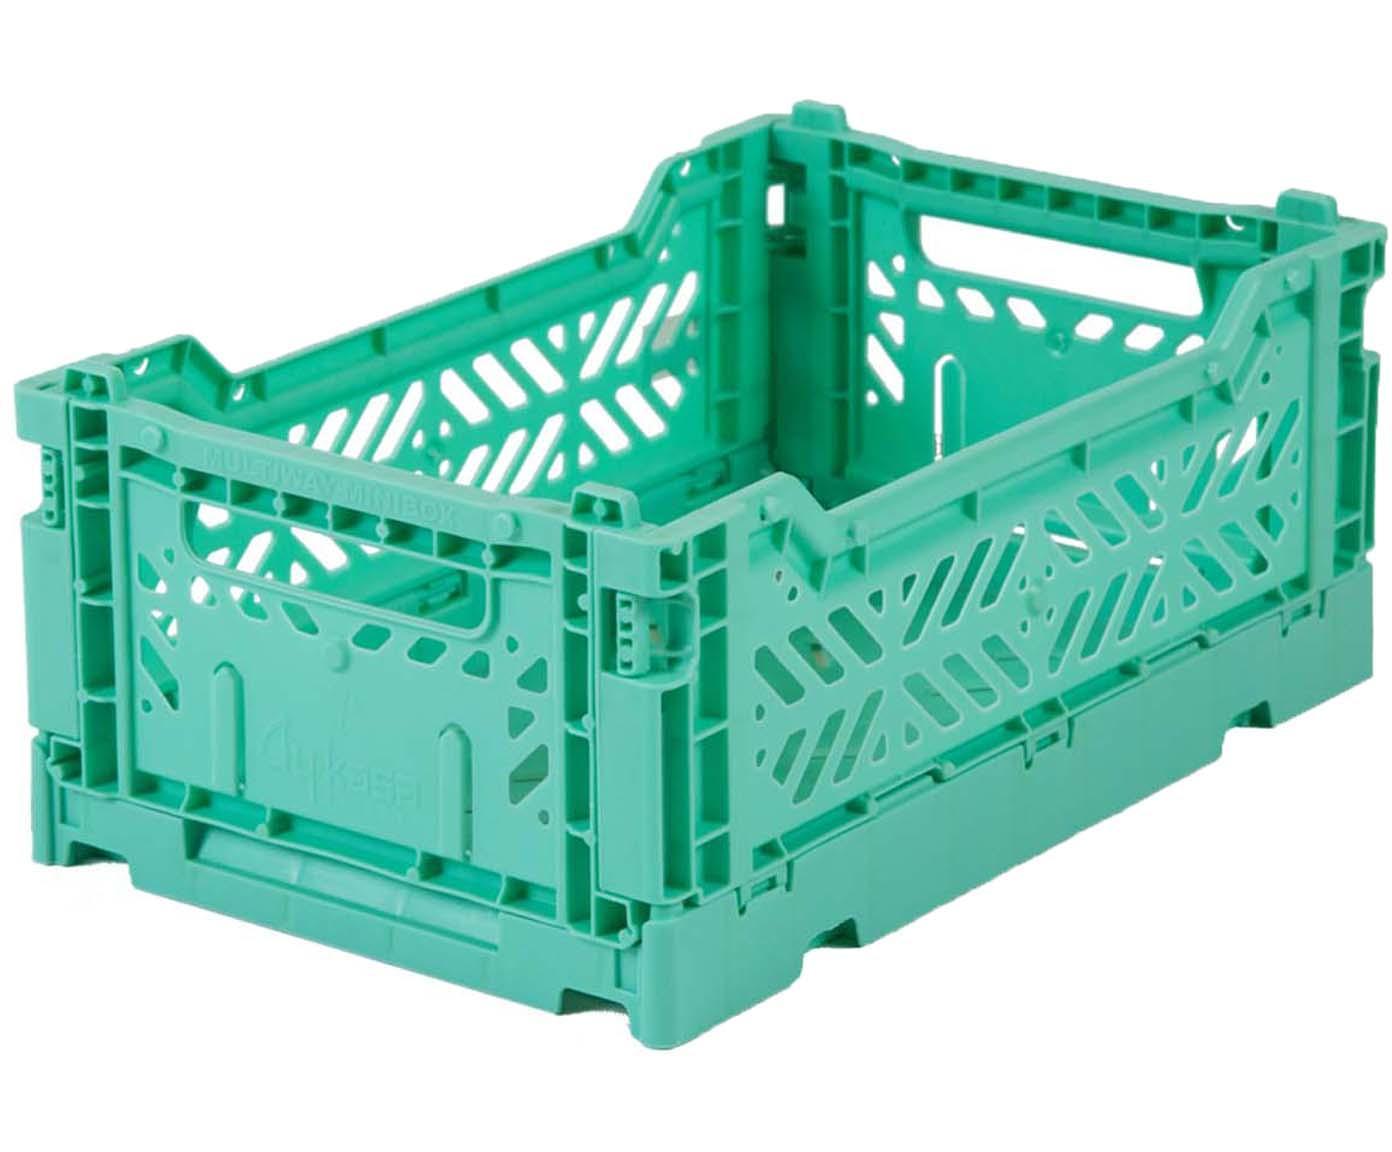 Cesto piccolo pieghevole e impilabile Mint, Materiale sintetico riciclato, Verde menta, Larg. 27 x Alt. 11 cm